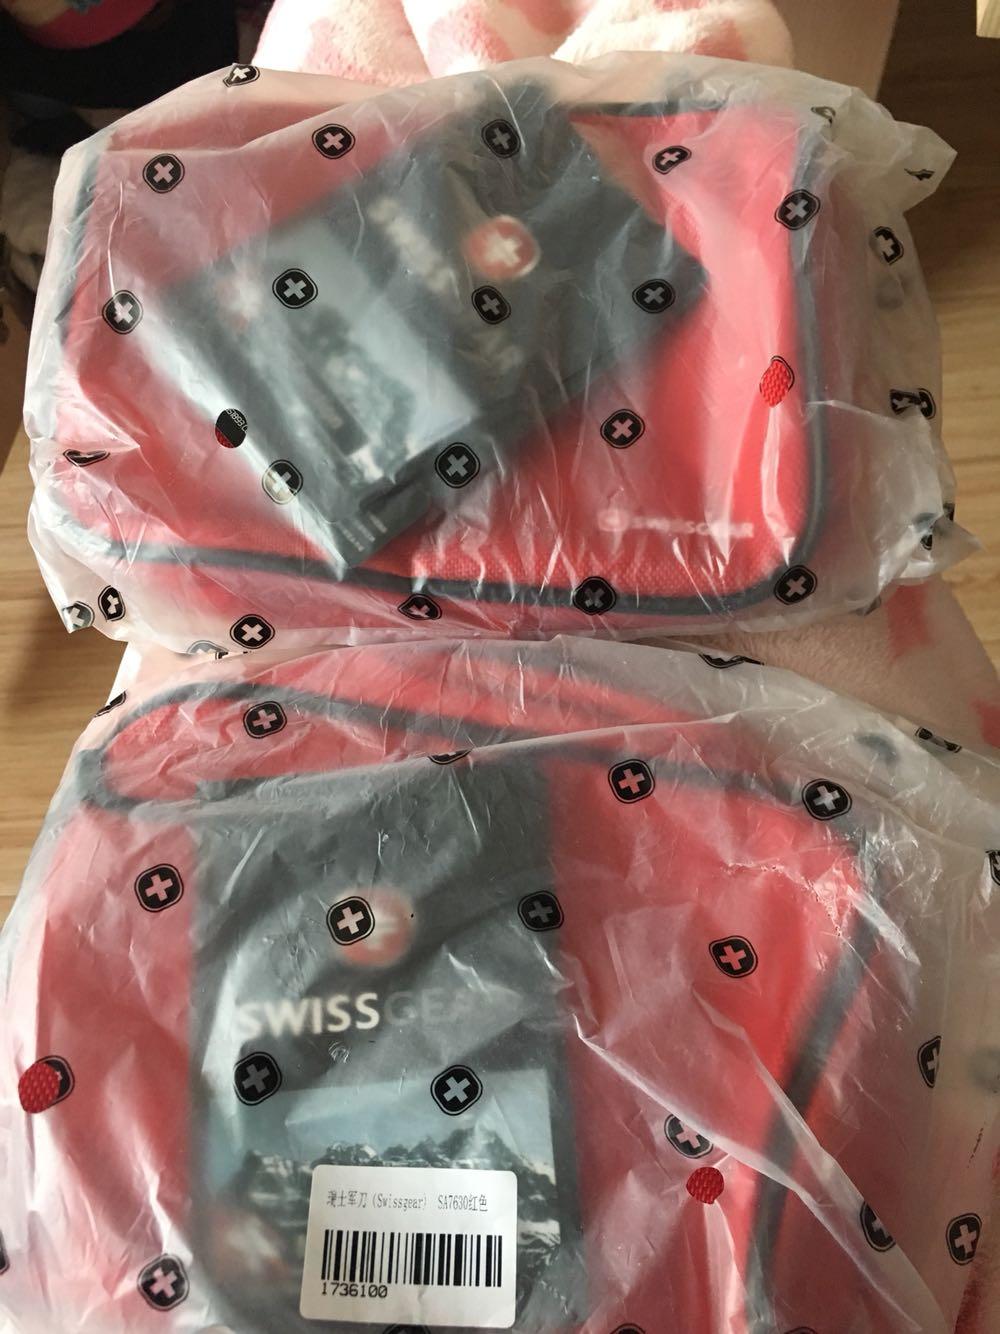 jordans-shoes for sale 00195996 discountonlinestore